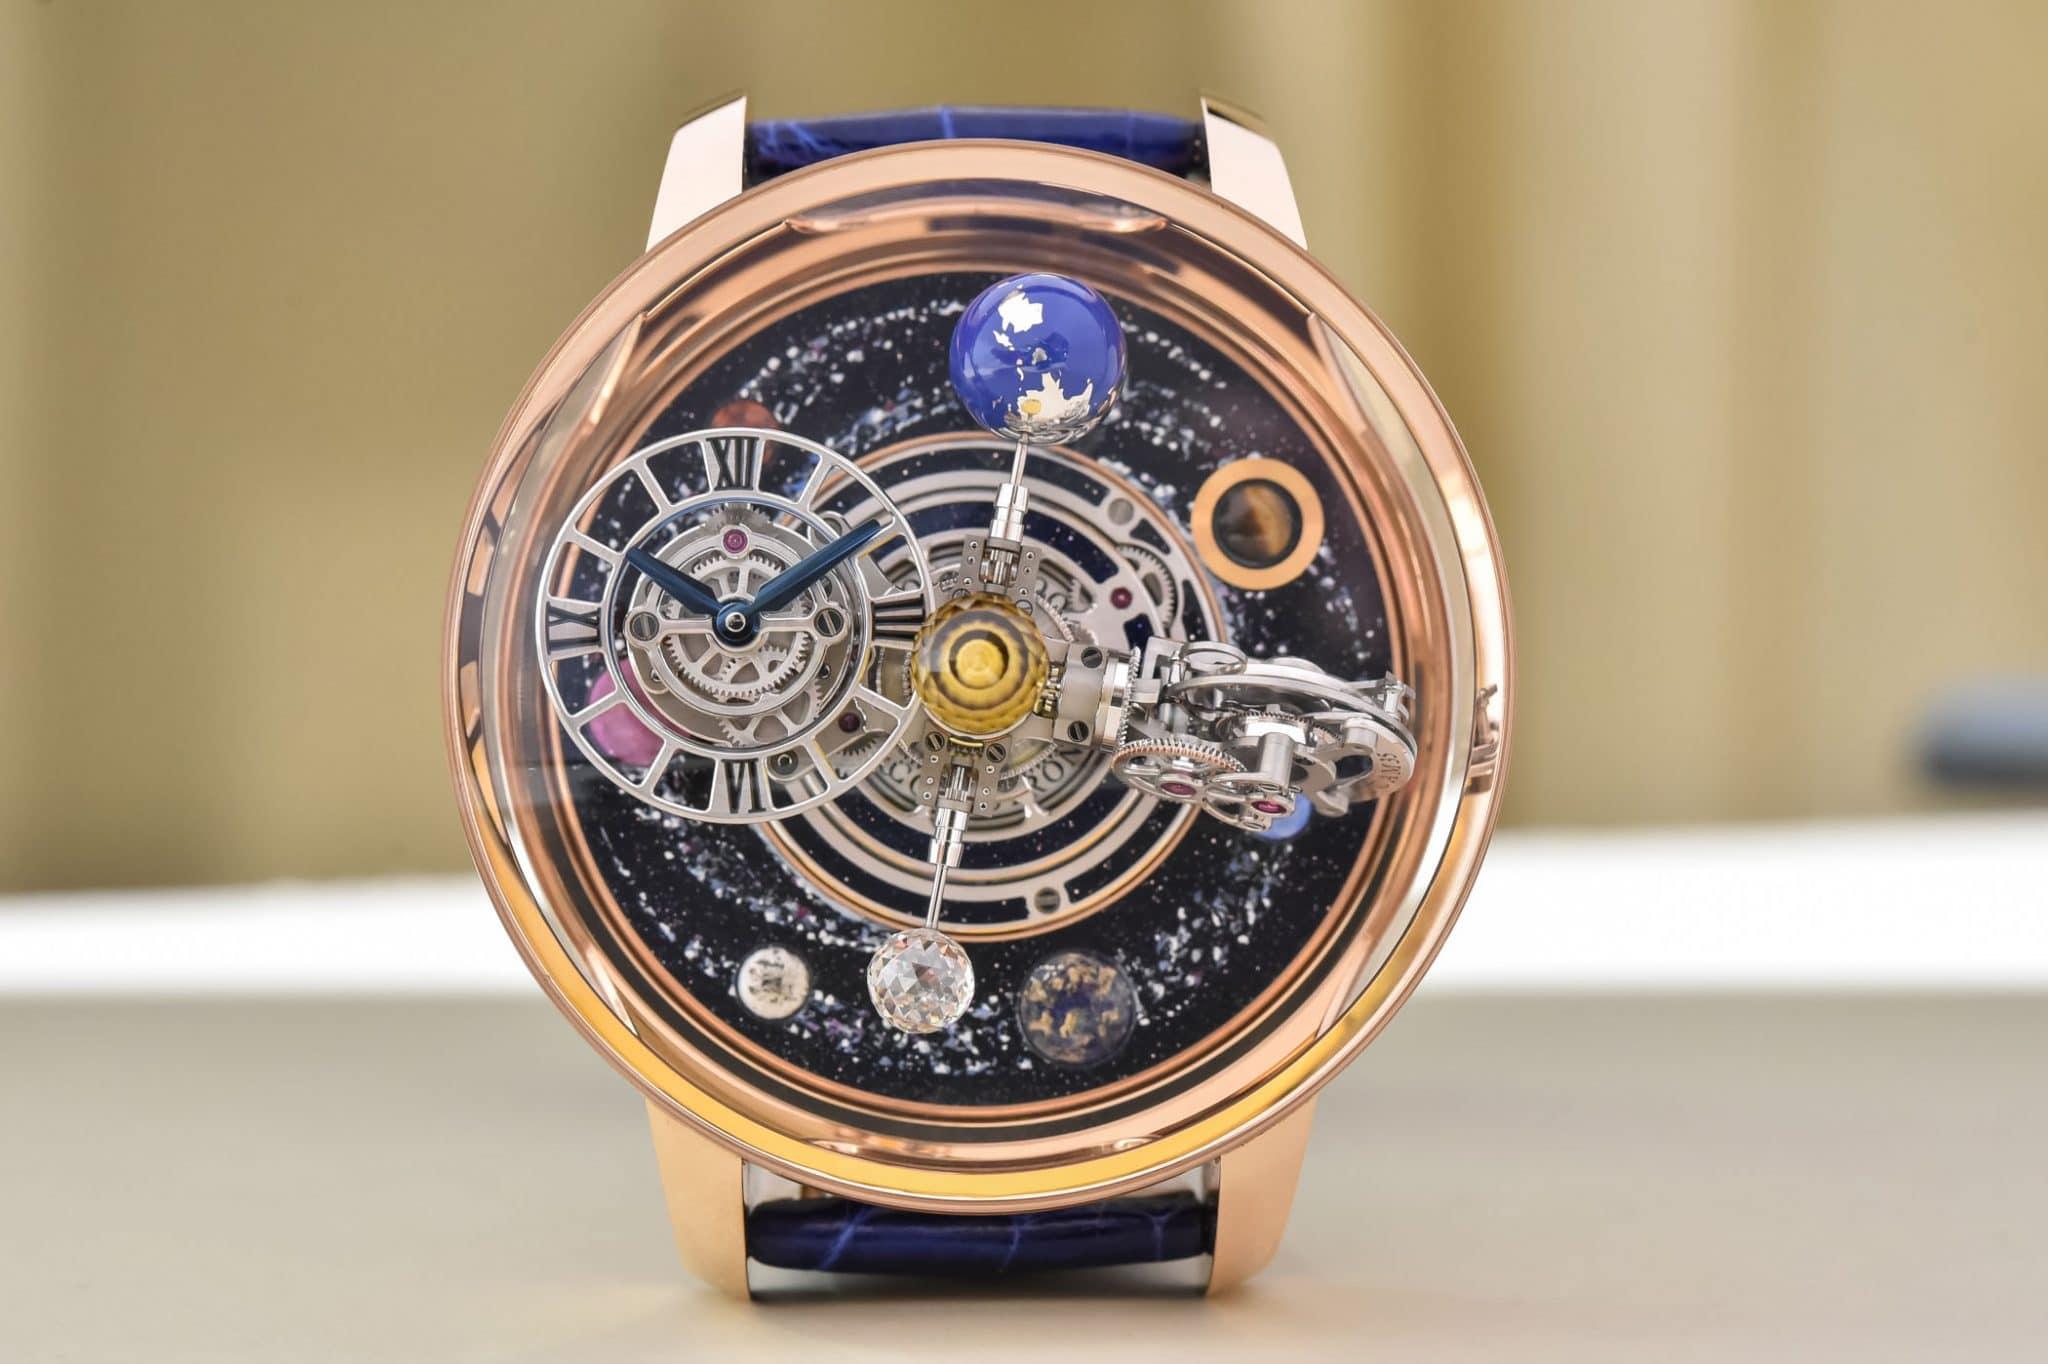 Quà tặng đồng hồ là món quà tuyệt vời